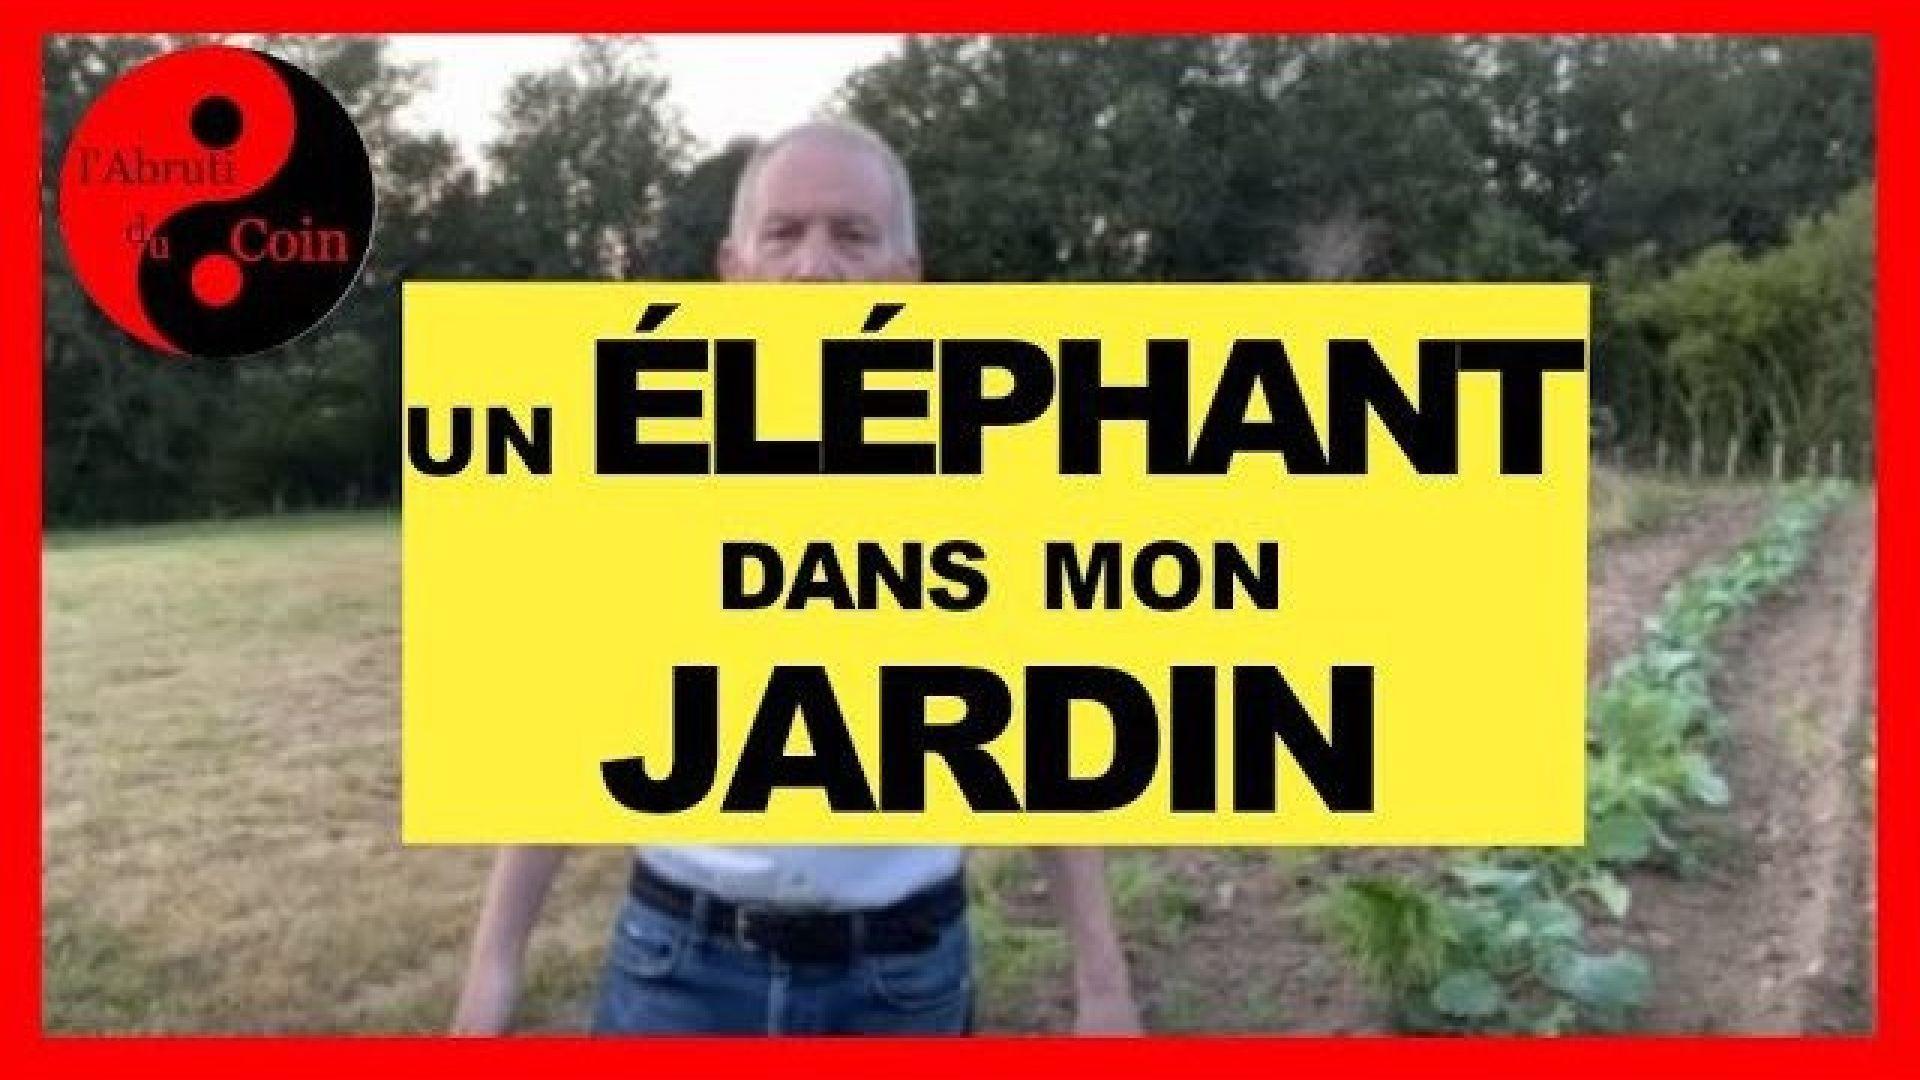 Xavier-Louis de Izarra : L'Éléphant, la Plaie du Jardinier